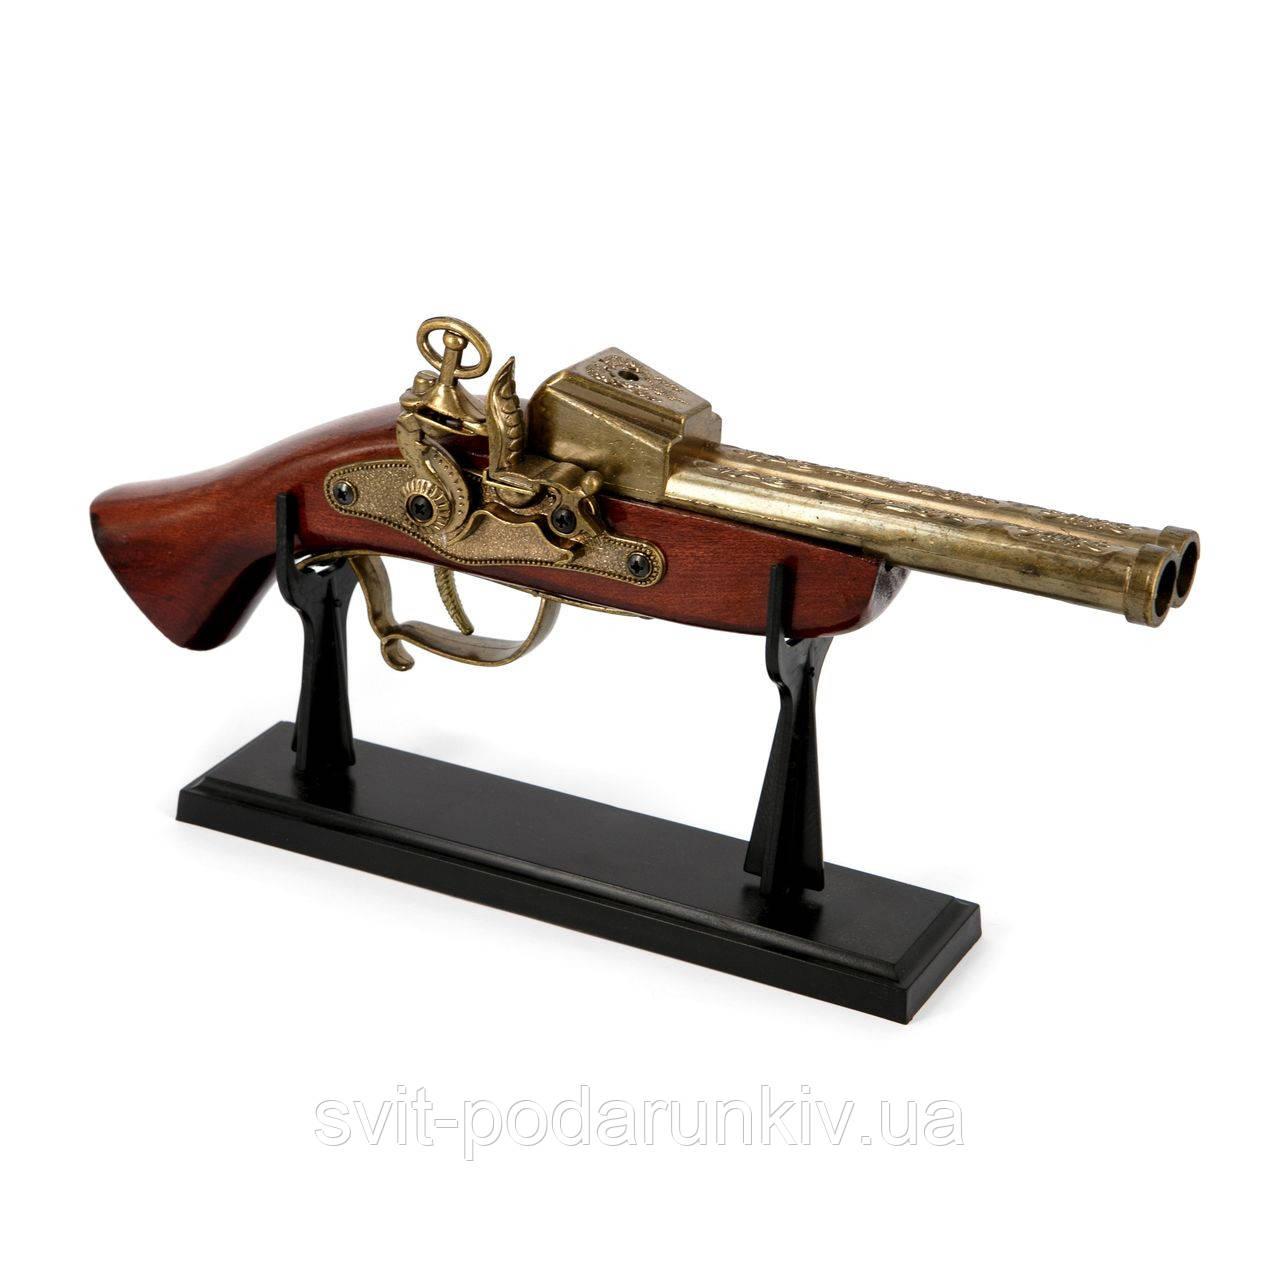 Пистолет зажигалка старинный мушкет 1818